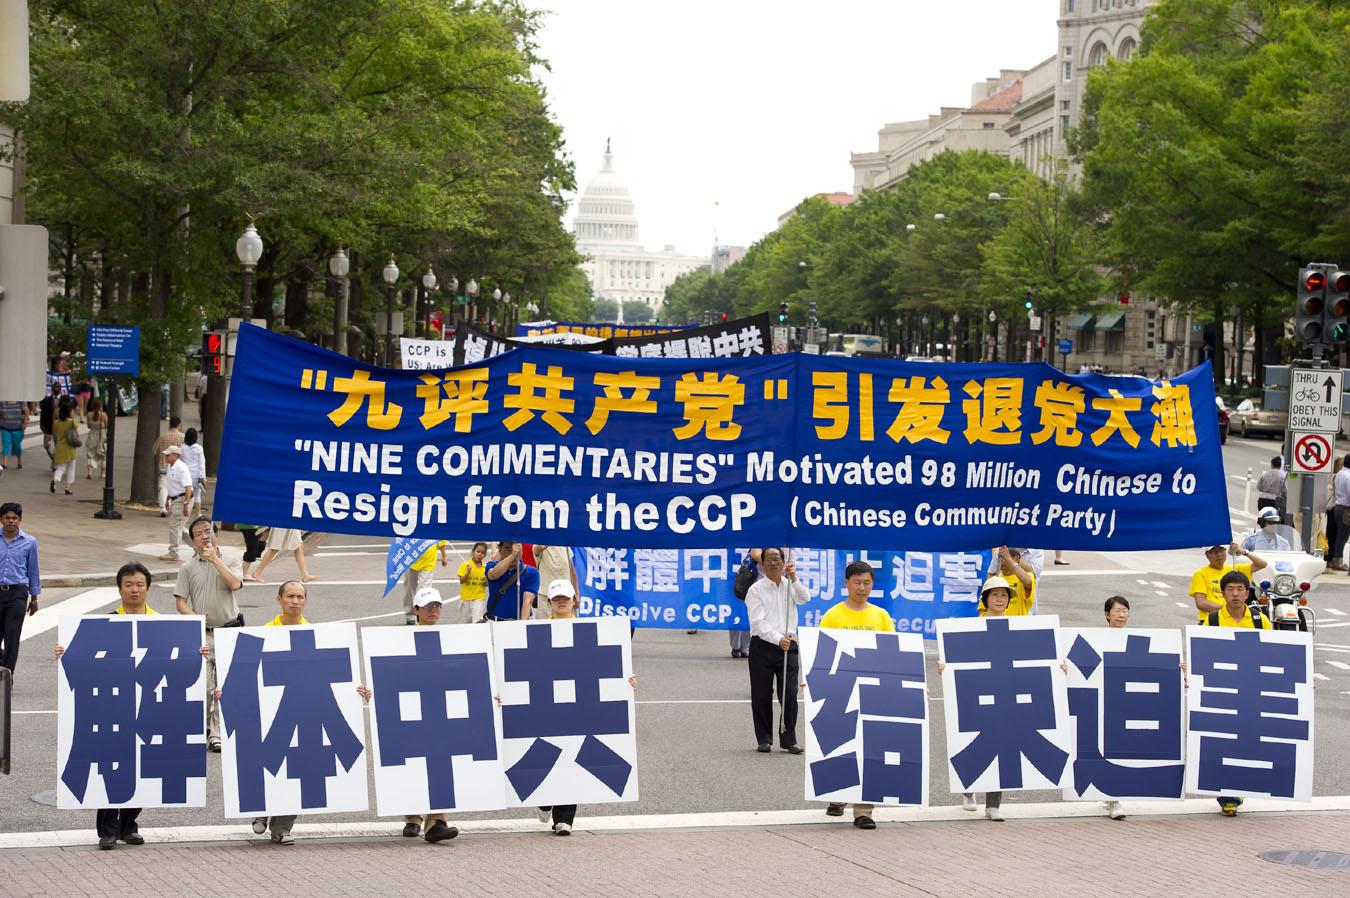 至2021年4月有超過3.7億的中國人聲明退出中共組織。(明慧網)